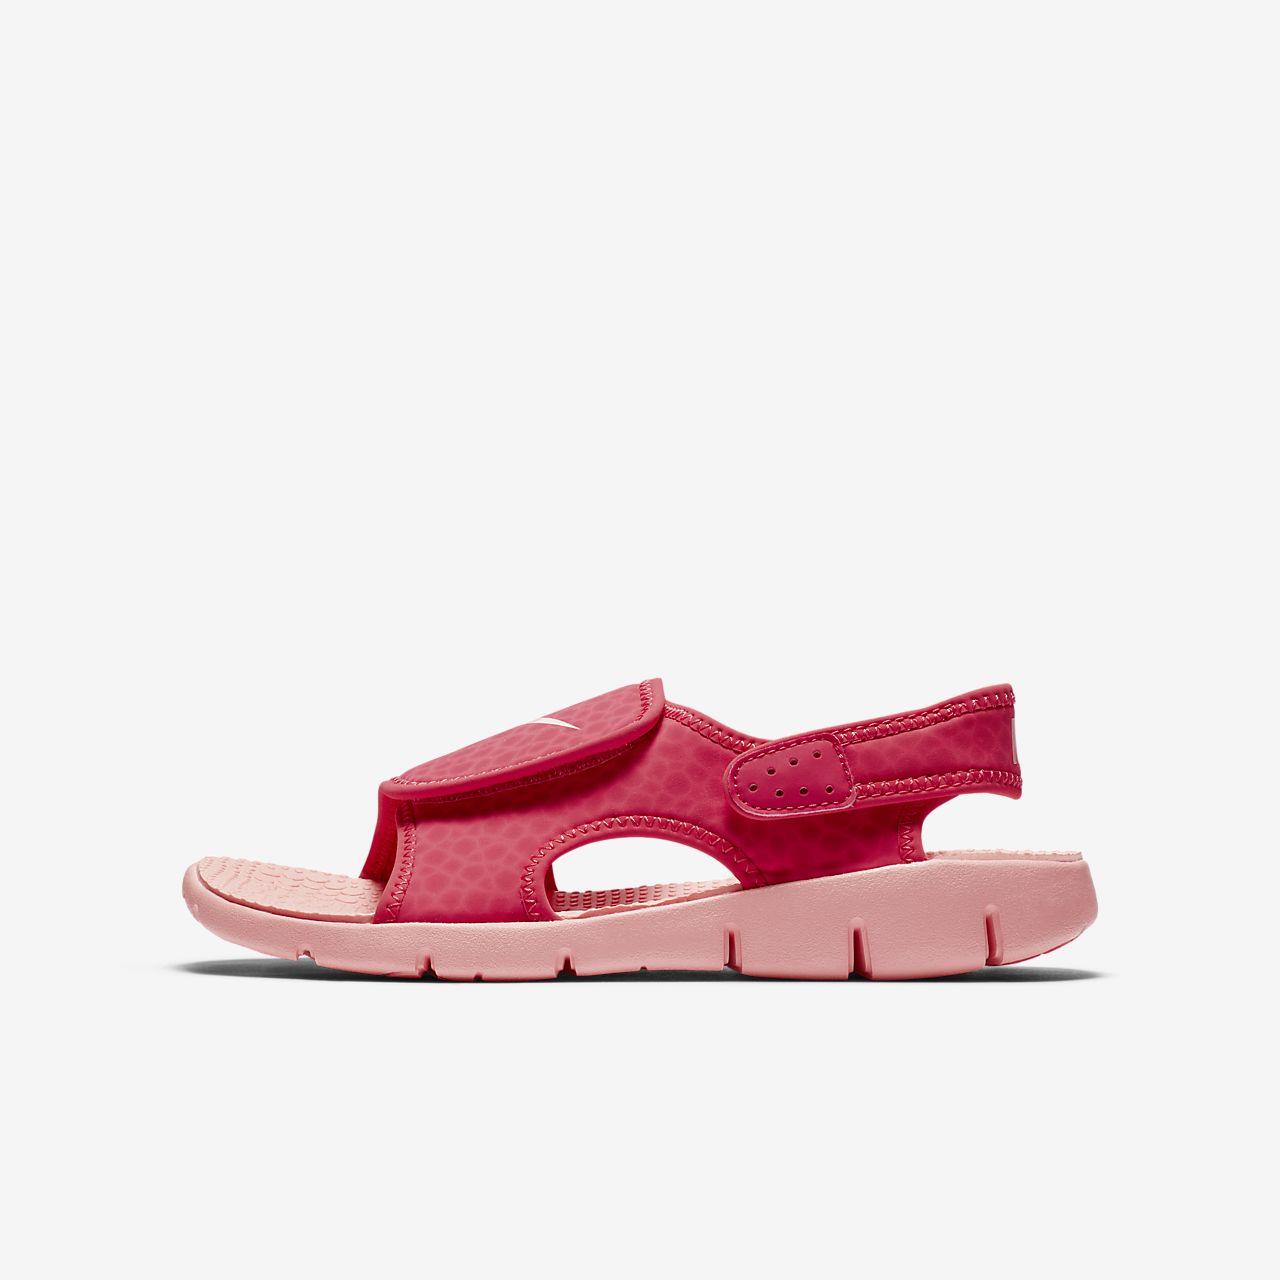 ... Nike Sunray Adjust 4 Younger/Older Kids' Sandal